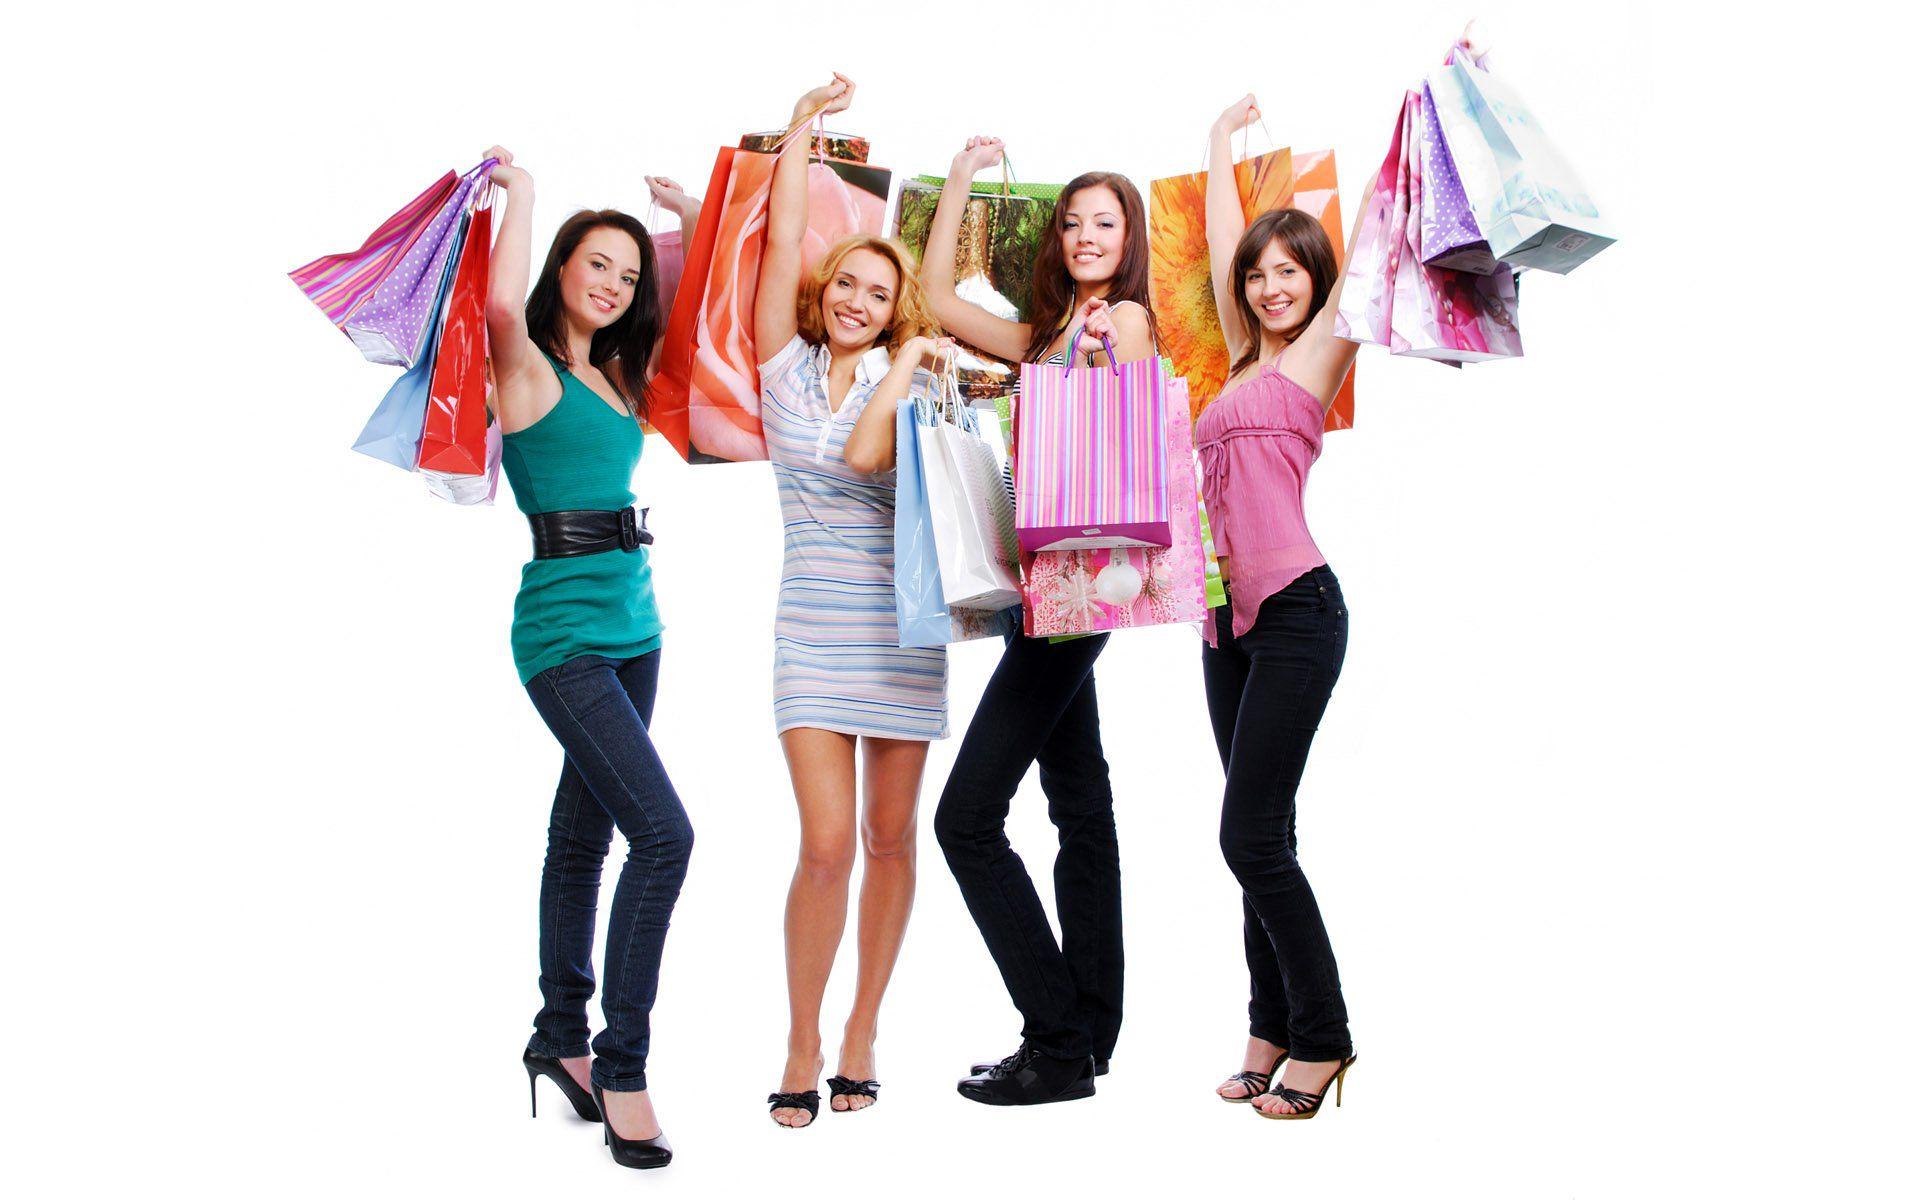 Смешные картинки для магазина одежды